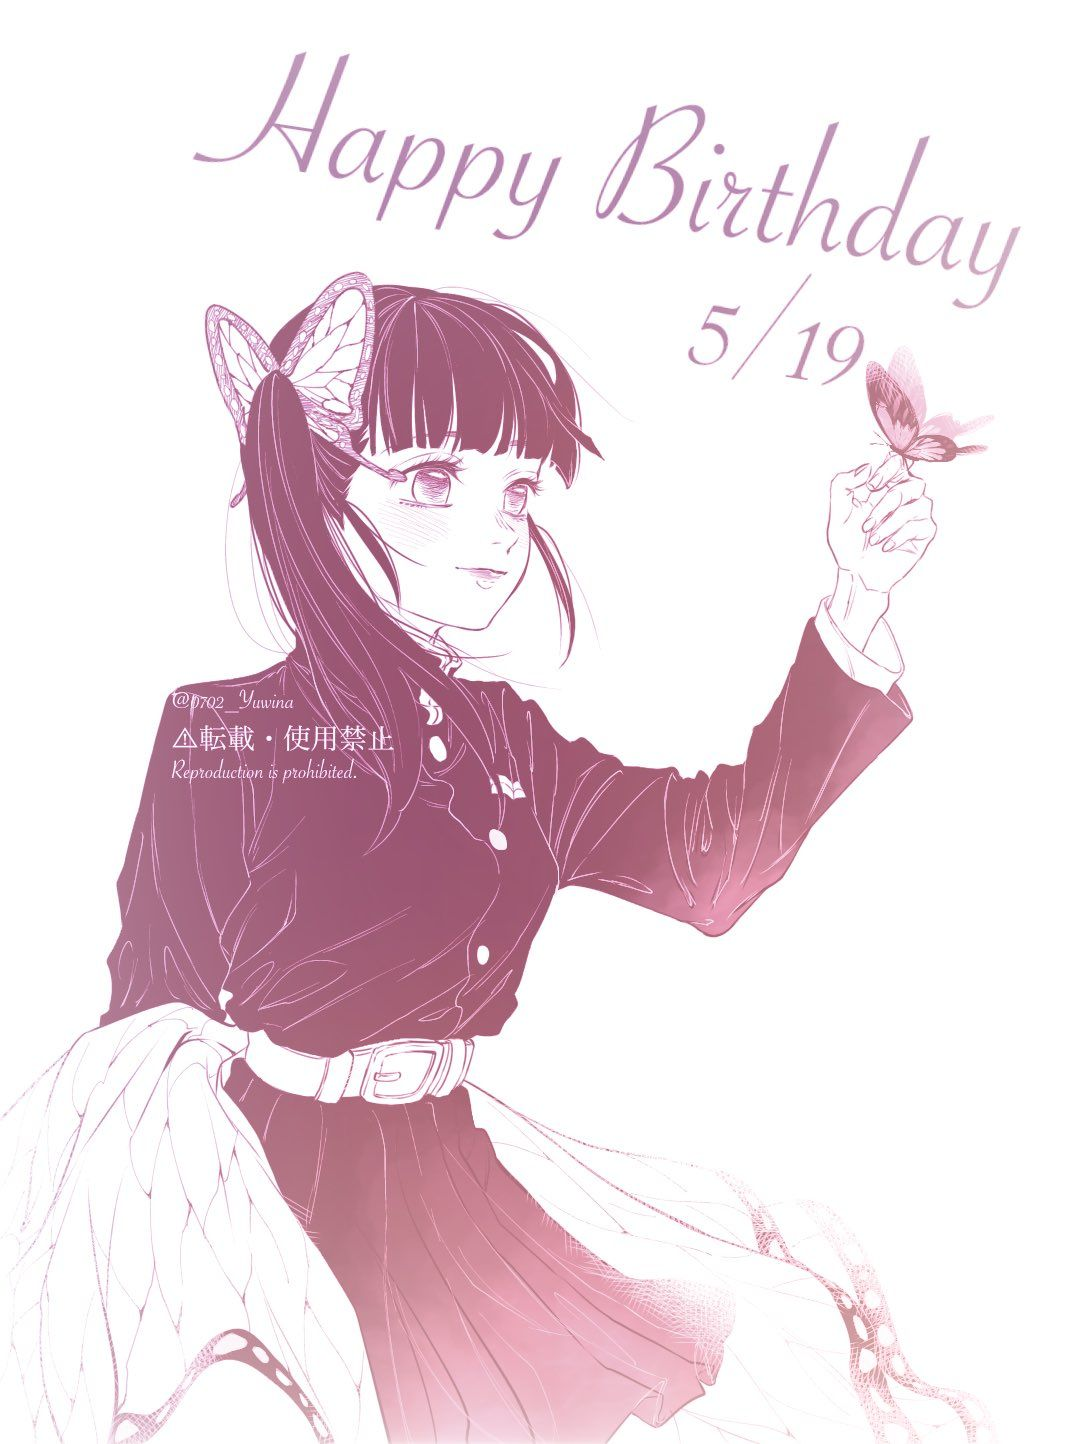 🌹ユヰフ🌹 on Twitter in 2020 Happy birthday drawings, Anime